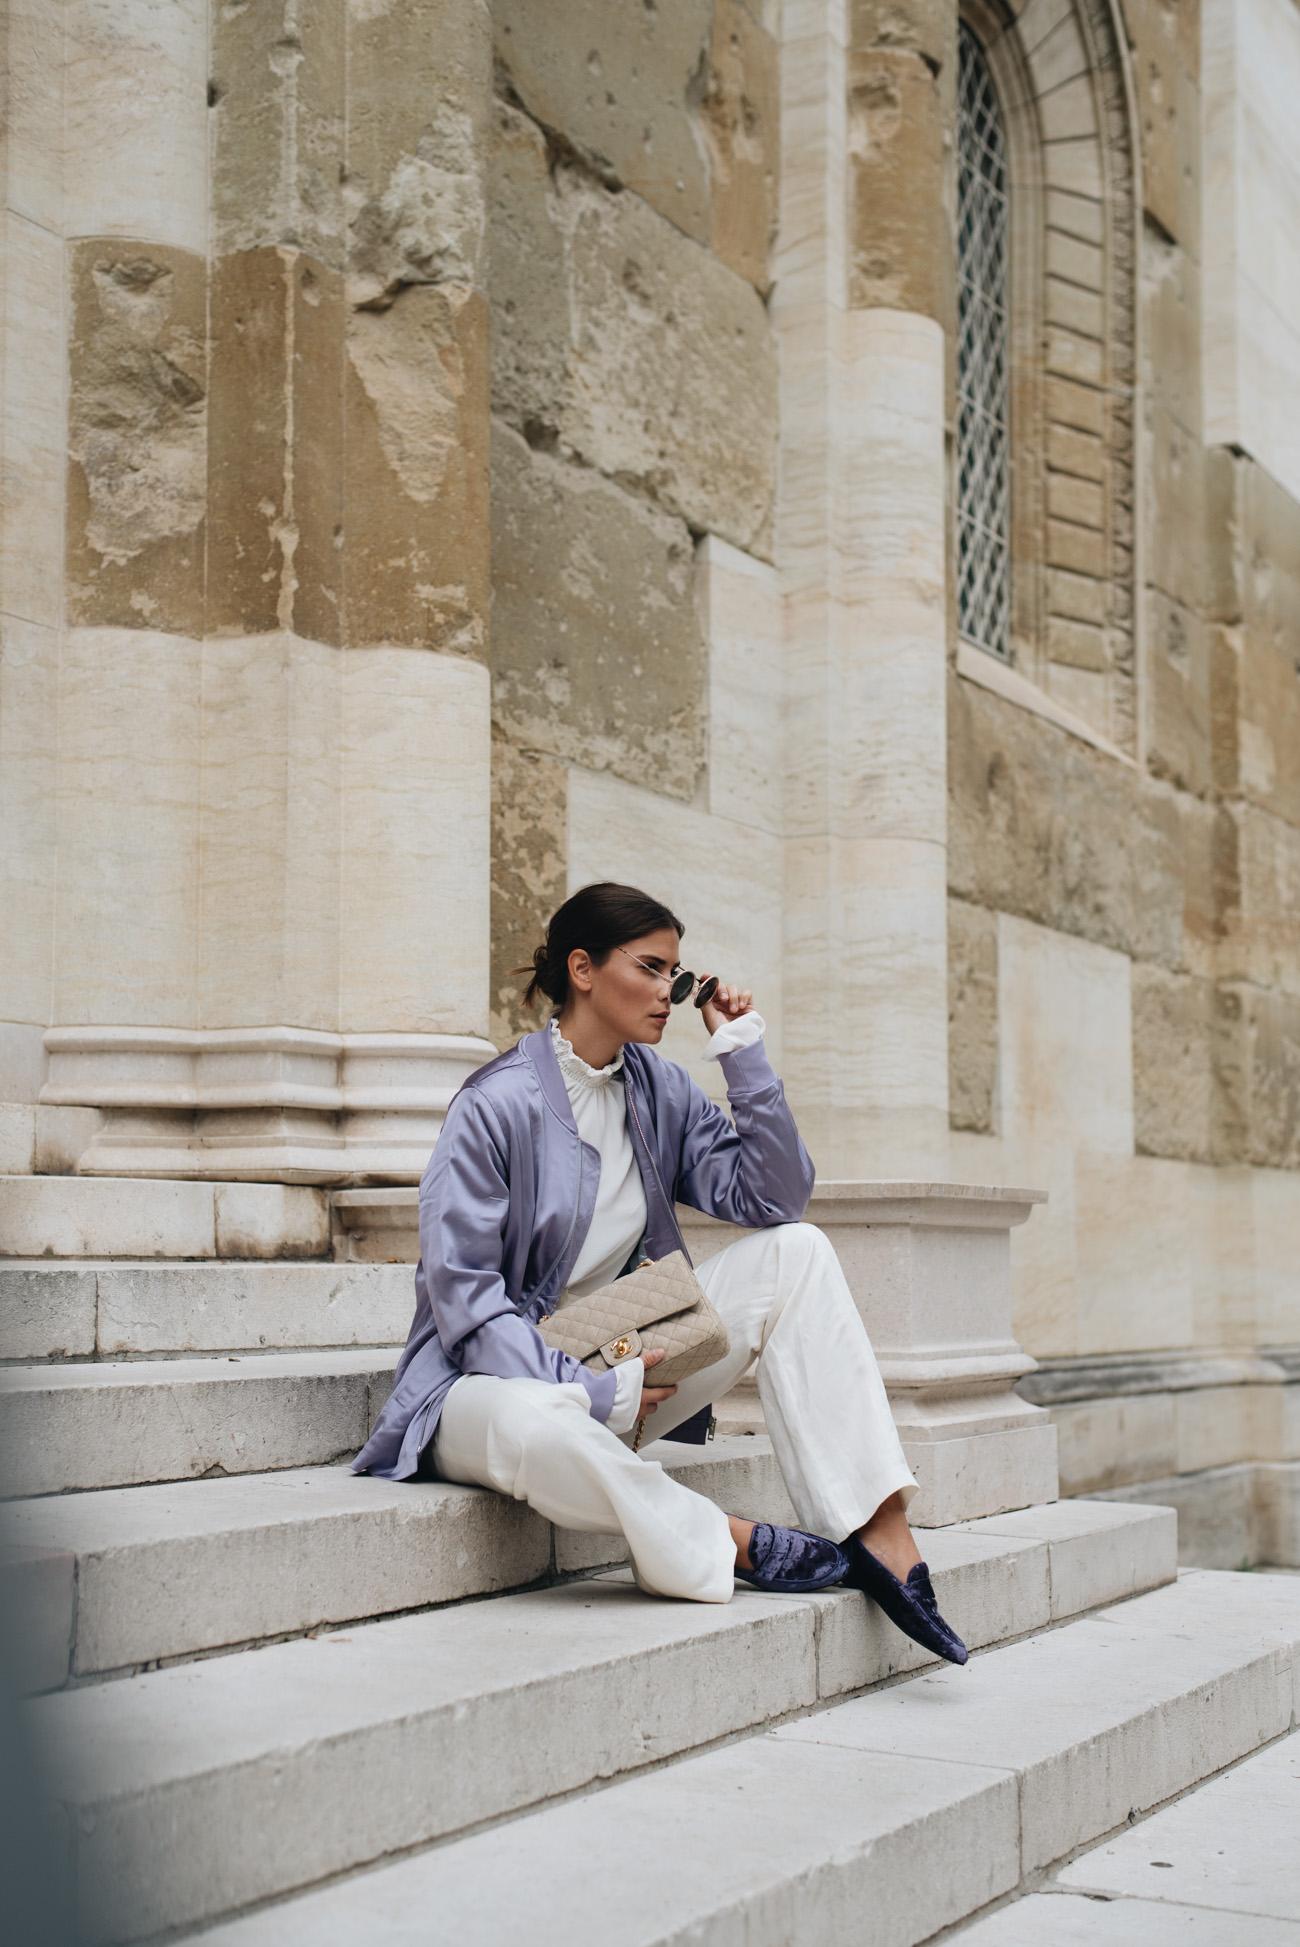 styling-tipps-für-das-tragen-von-bomberjacken-nina-schwichtenberg-fashiioncarpet